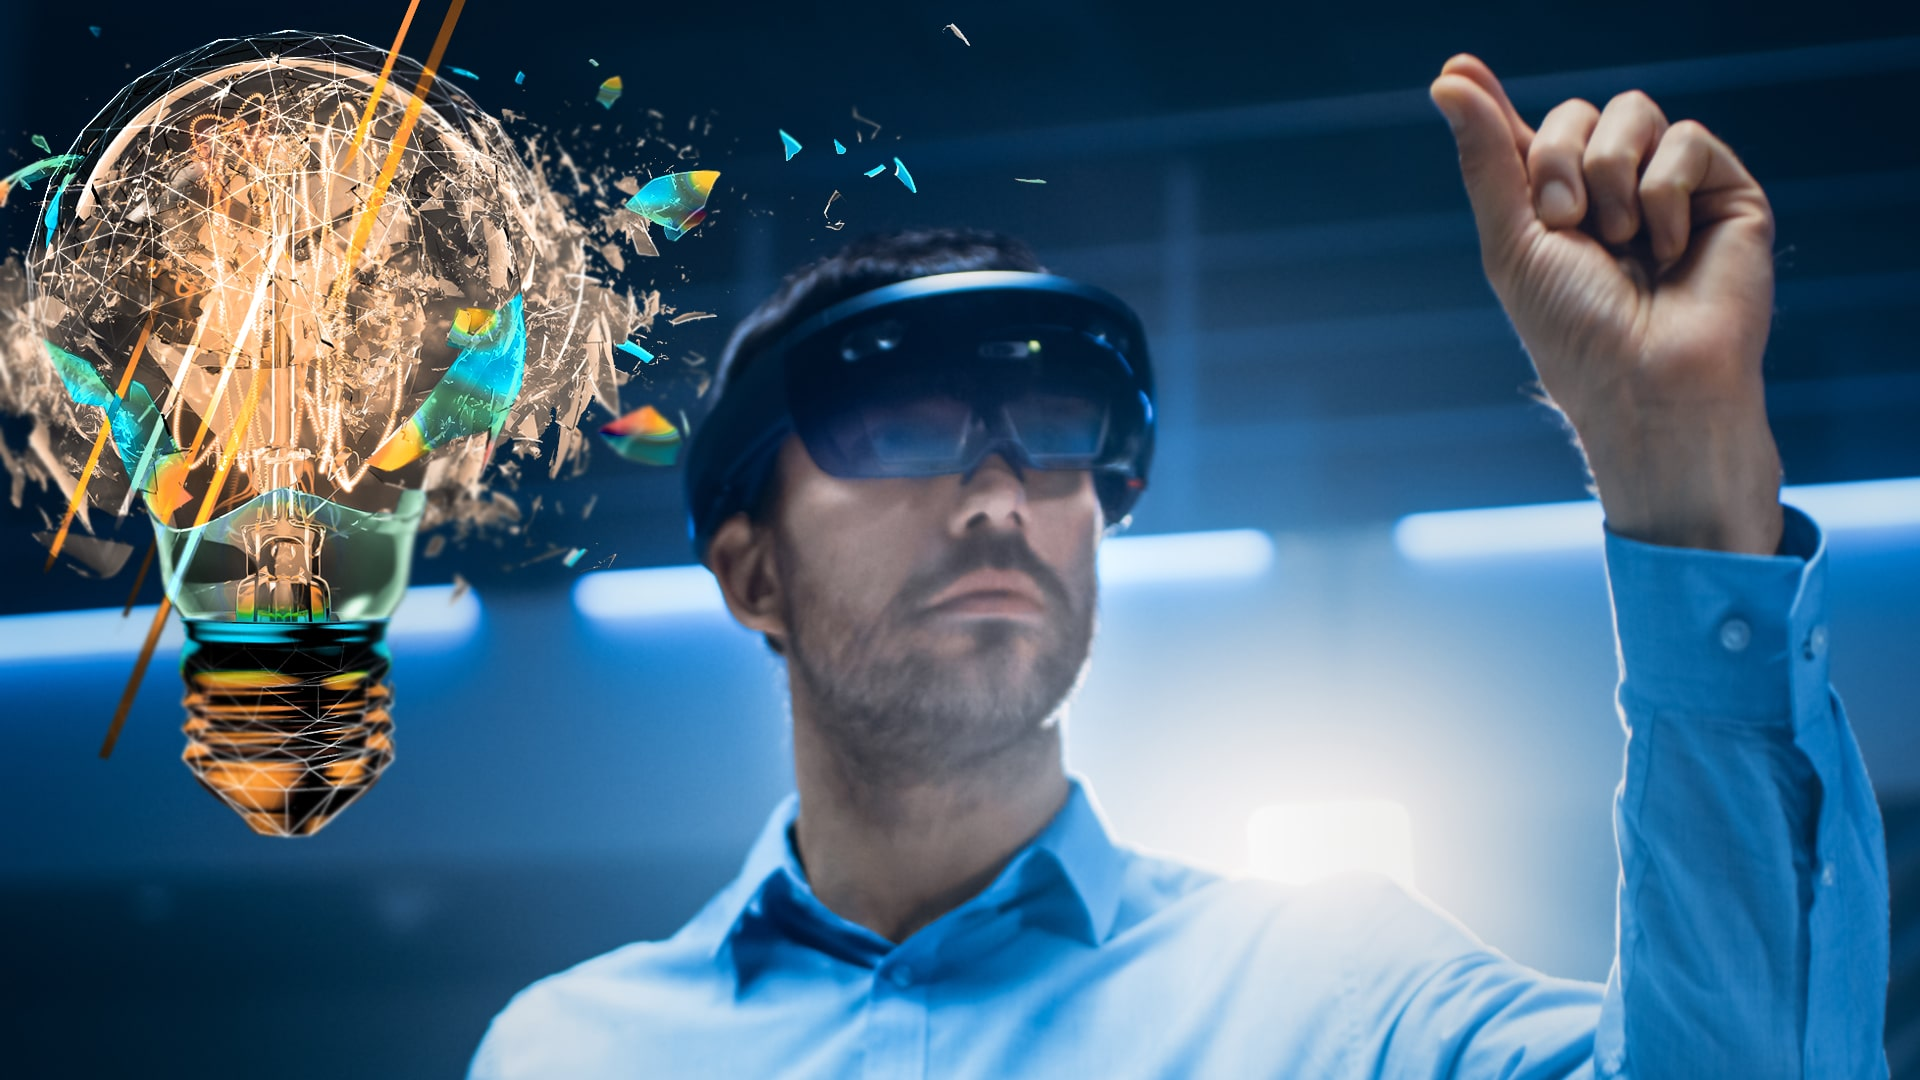 На Форуме Ansys 2021 эксперты обсудят способы решения ключевых задач в различных отраслях промышленности